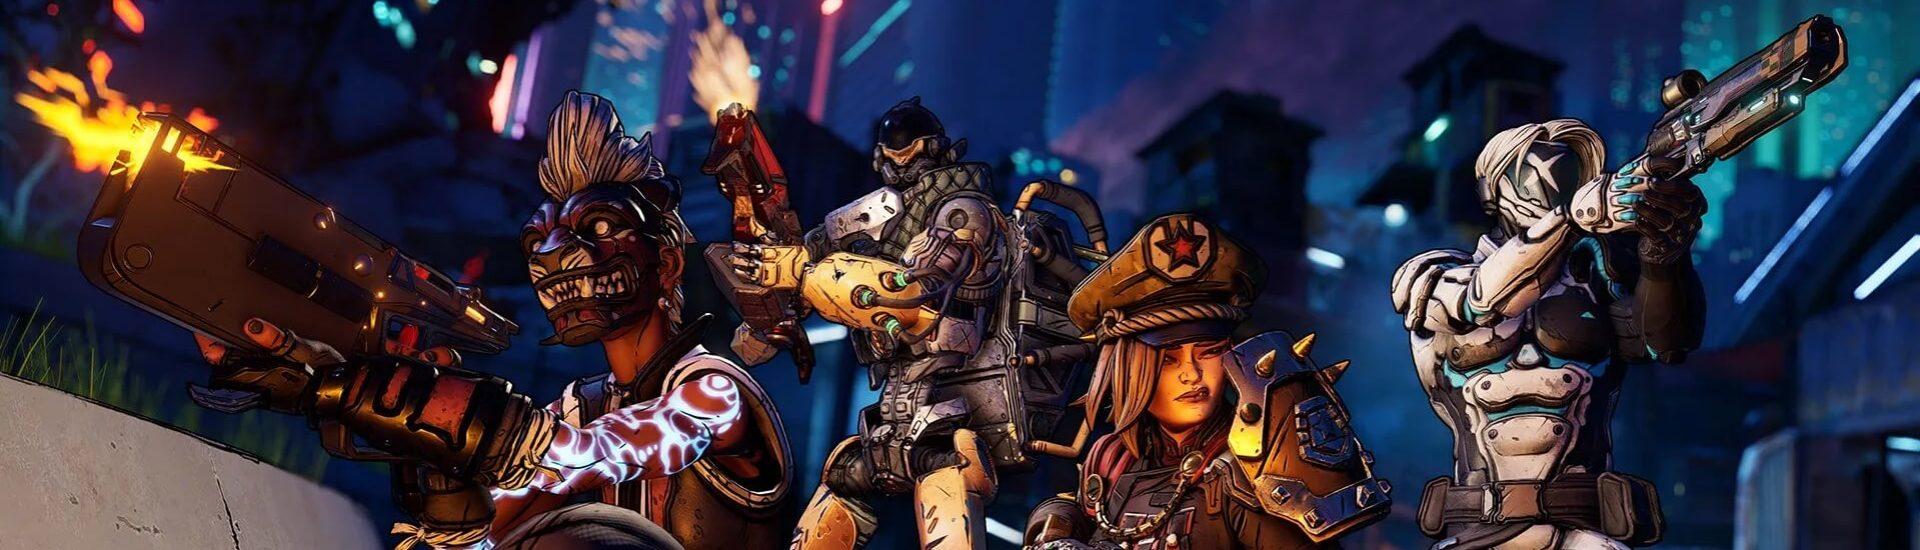 Borderlands 3: Neues DLC bringt weiteres Zerstörungspotential für eure Kammerjäger